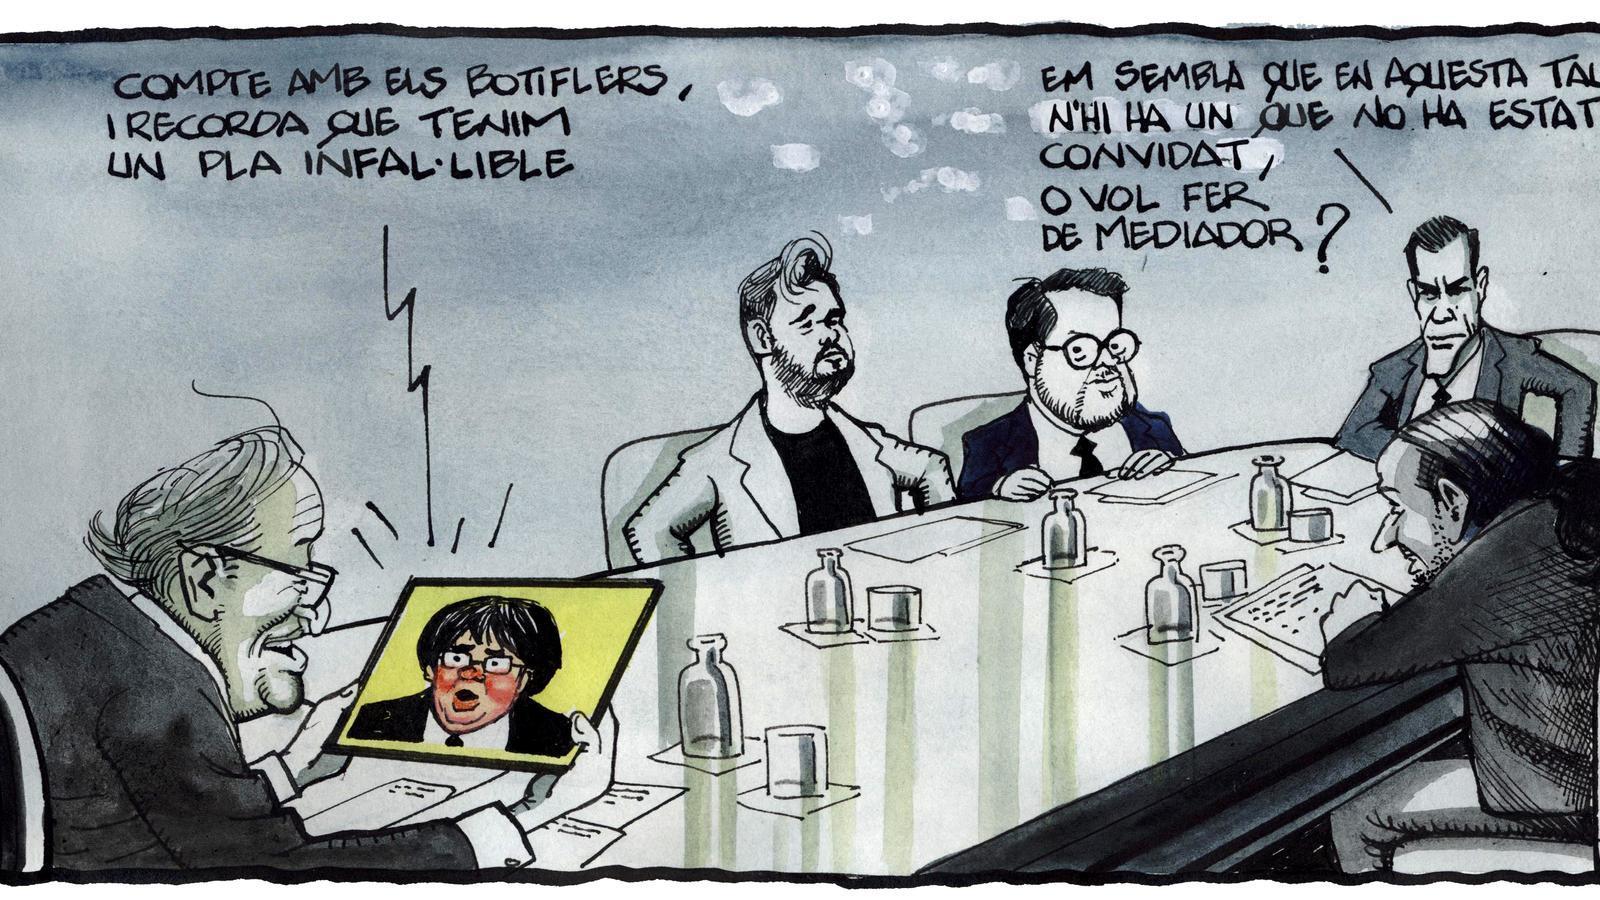 'A la contra', per Ferreres 15/02/2020